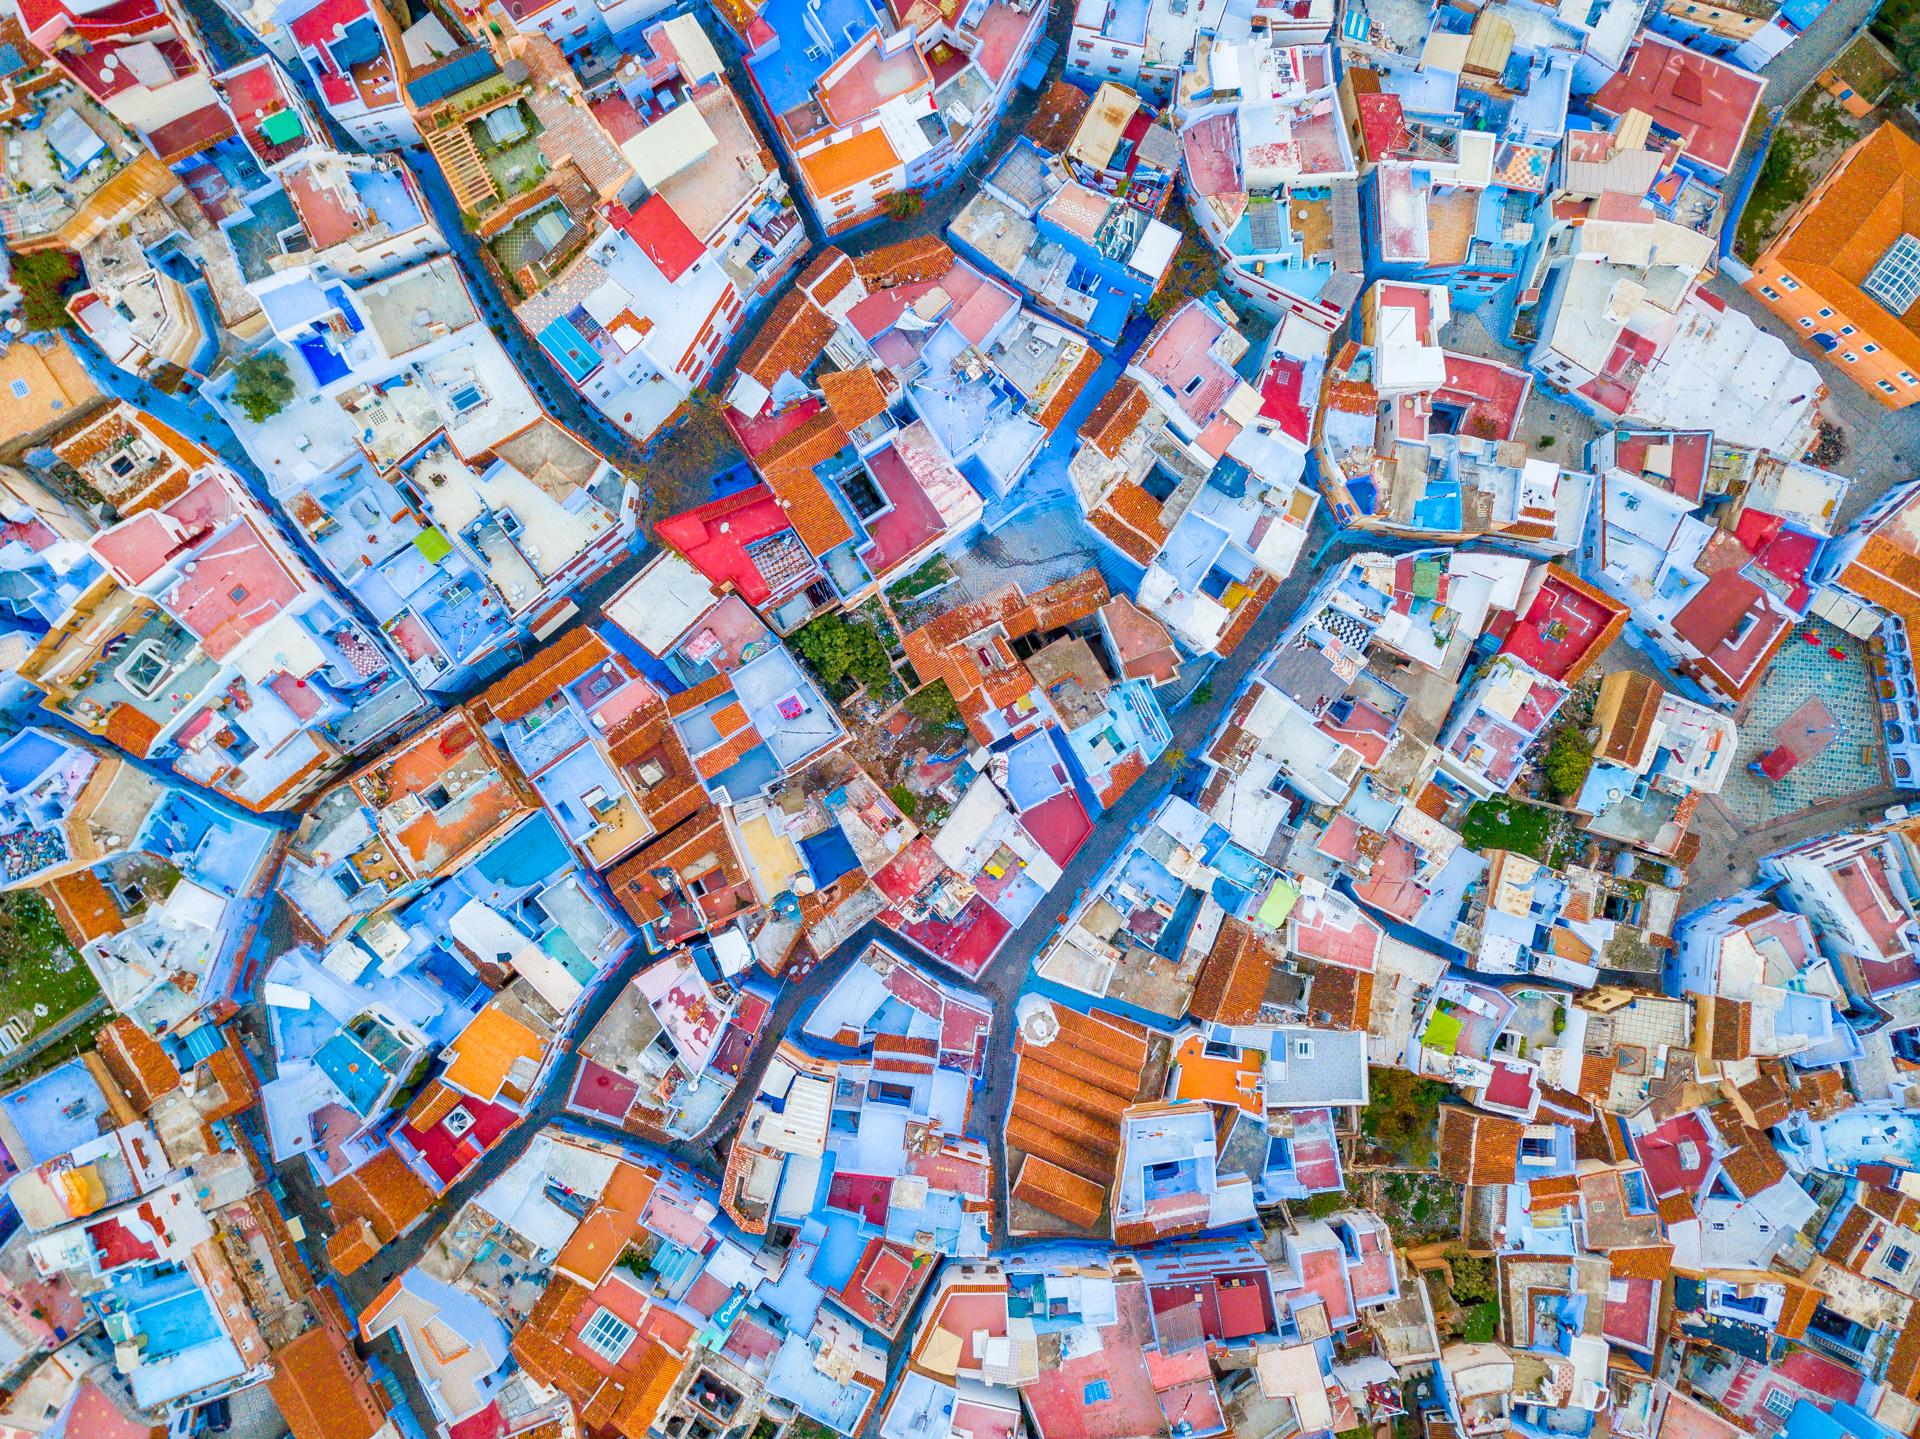 Luftbildaufnahme der Blauen Stadt Chefchaouen, Marokko